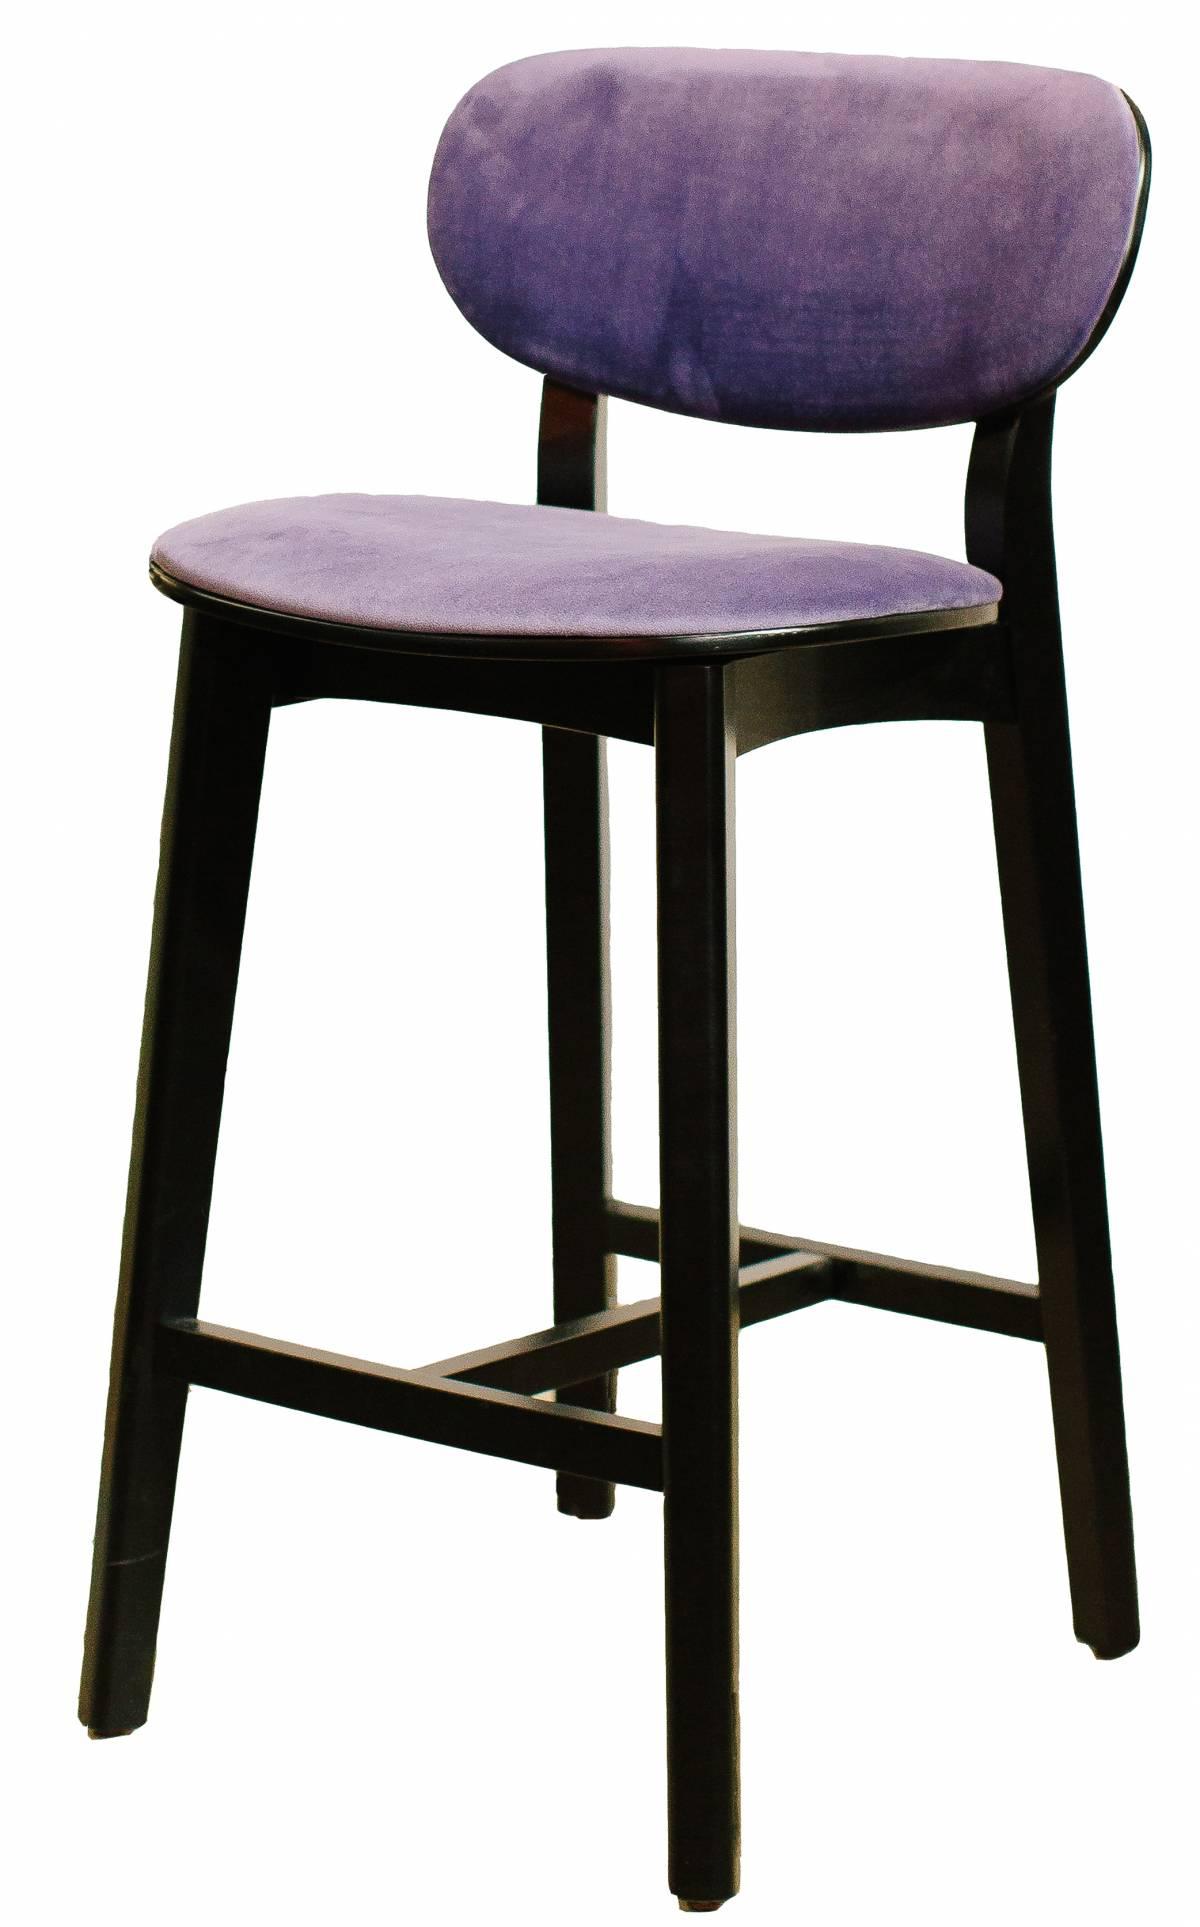 Купить барный деревянный стул Ginger S в Raroom